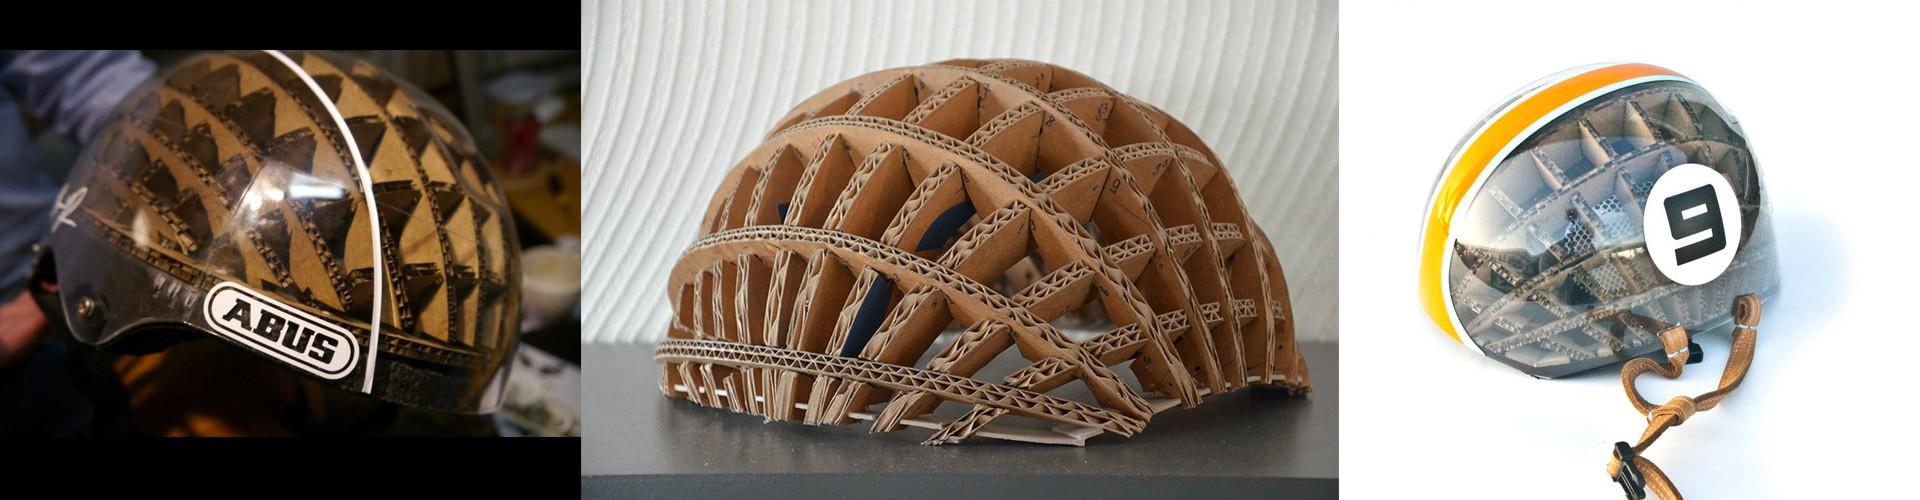 Kranium - Un casque à base de carton chez Abus